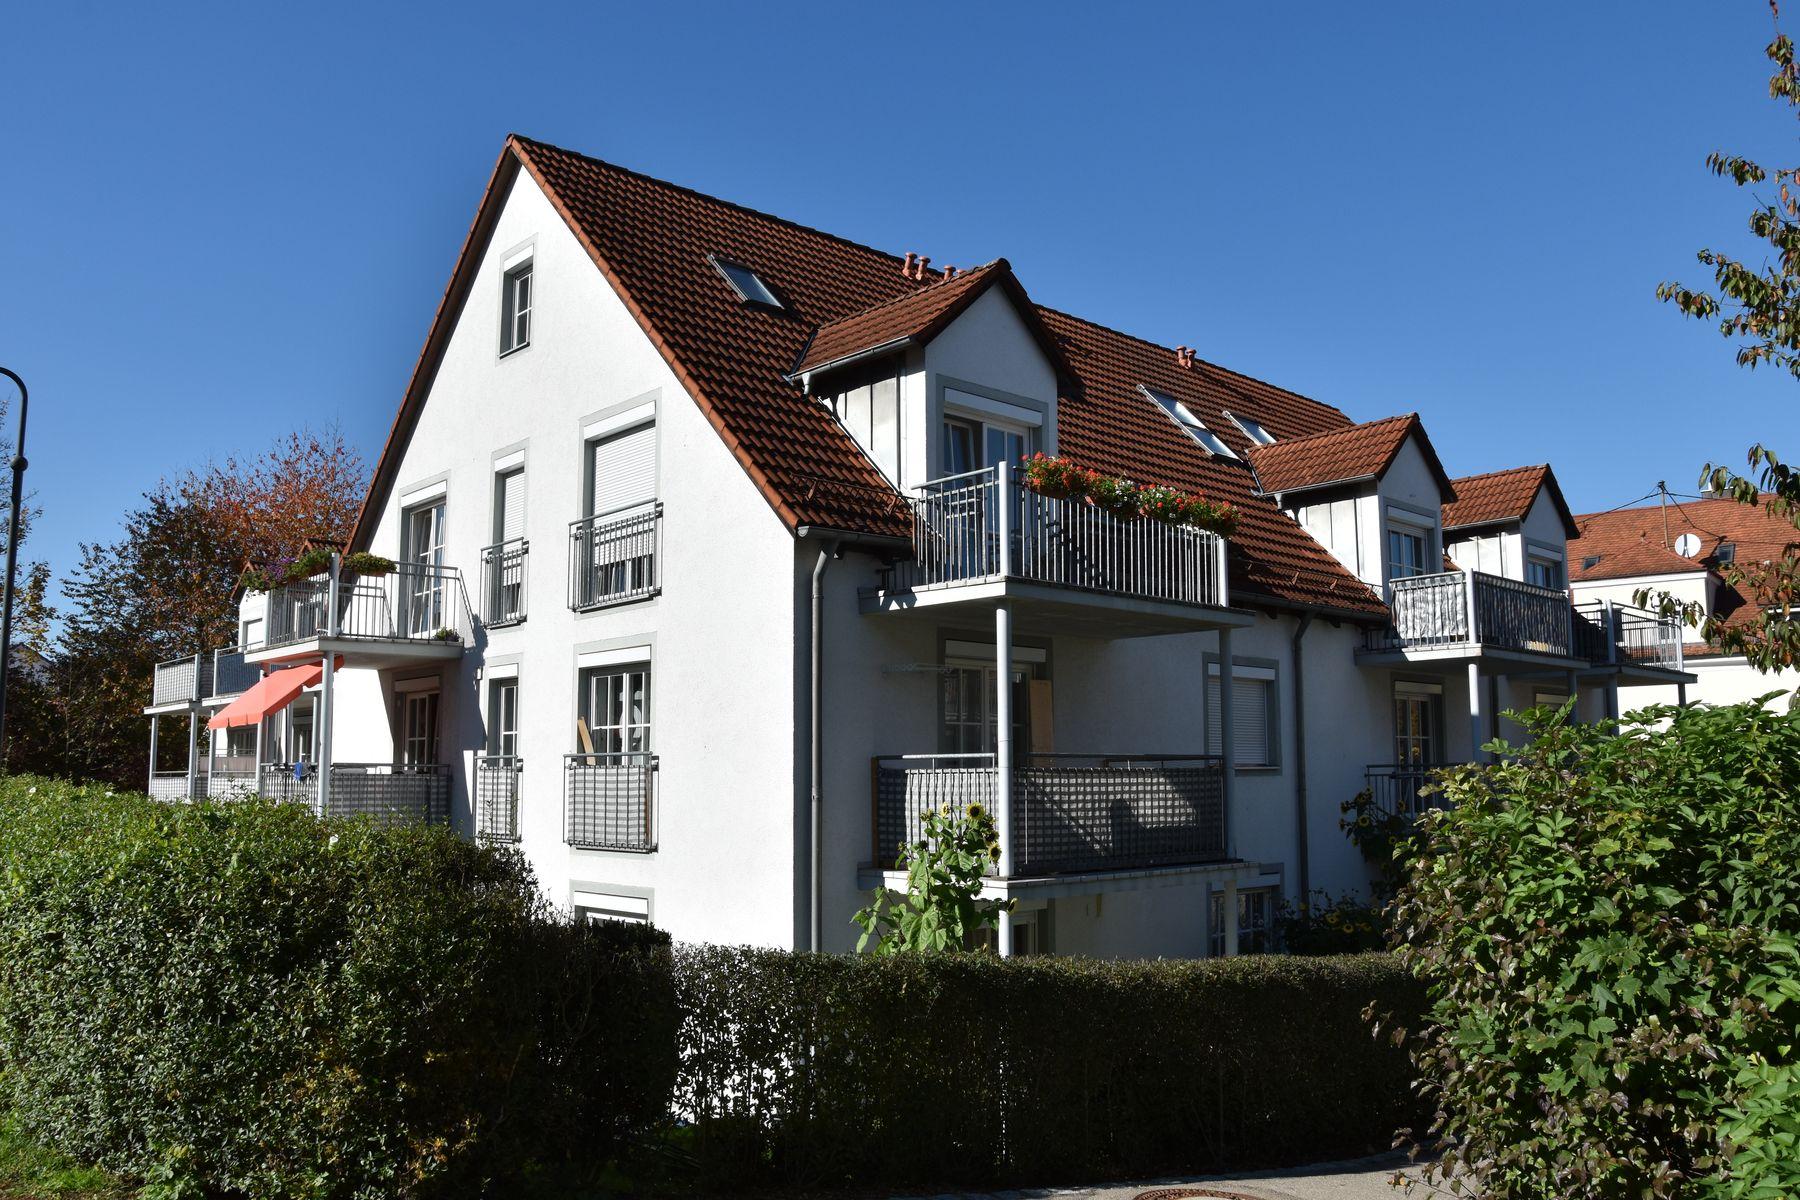 как правильно купить квартиру в германии